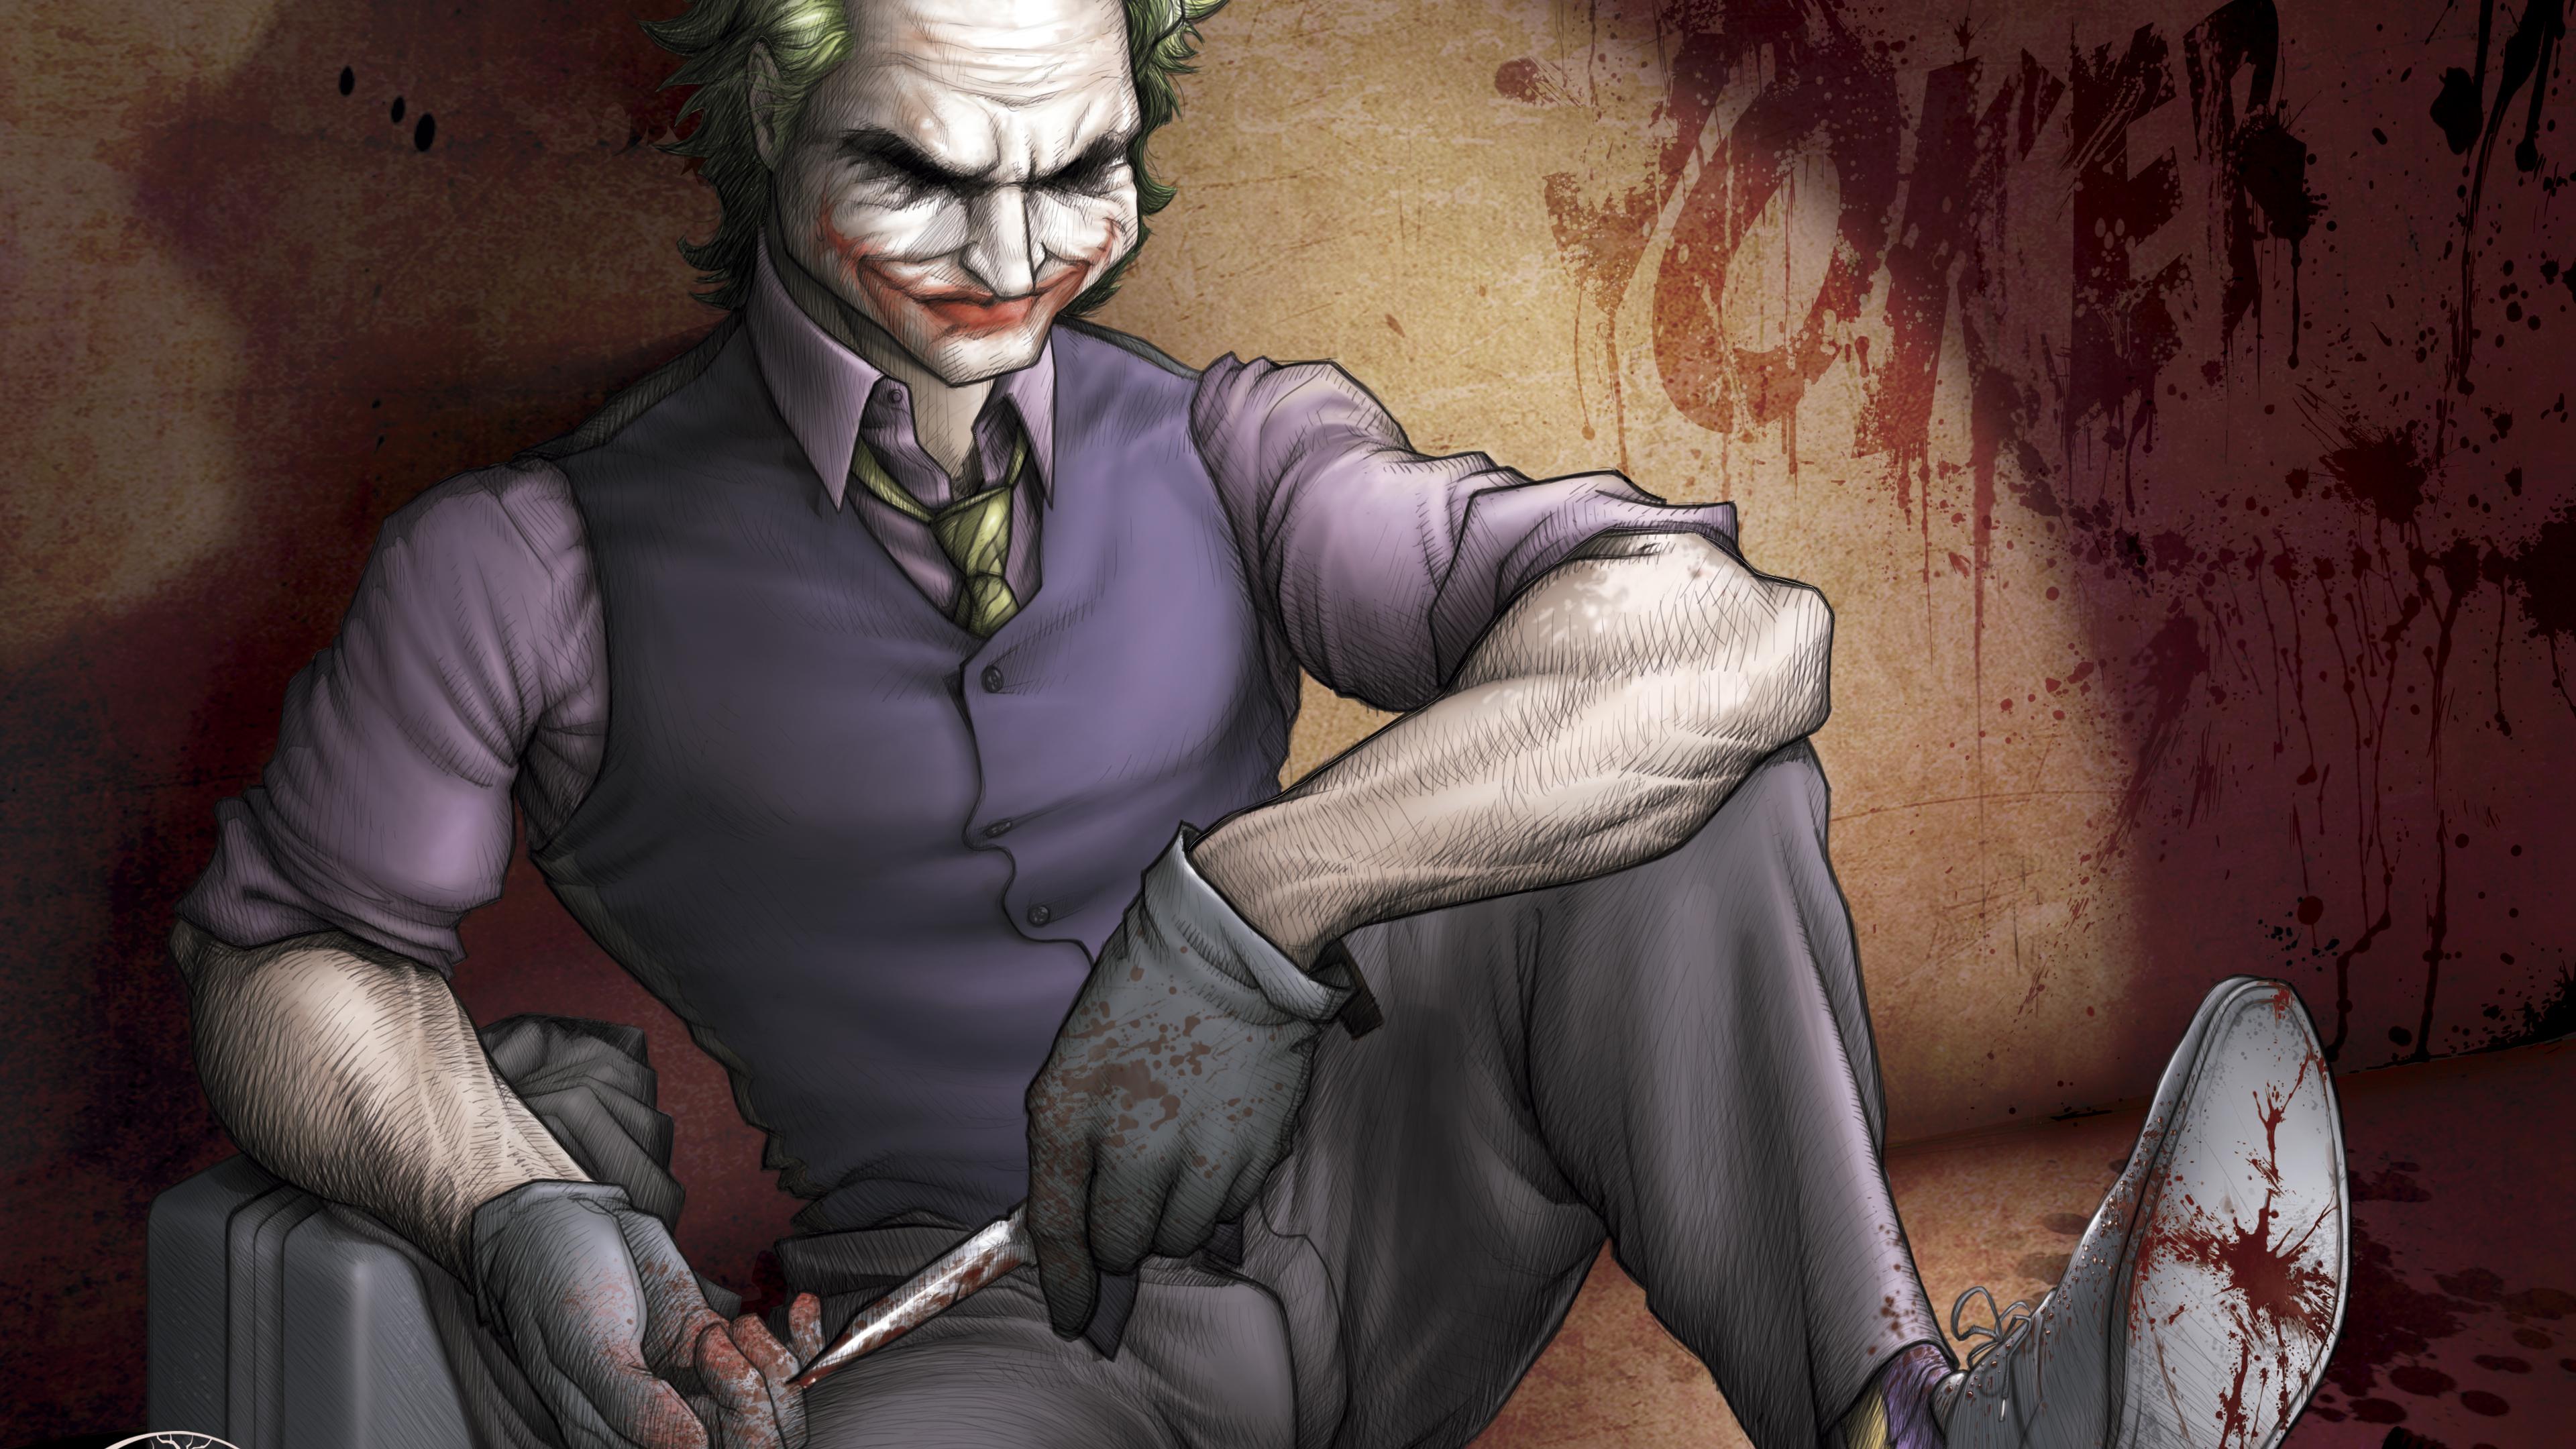 the joker art 4k 1553072059 - The Joker Art 4k - supervillain wallpapers, superheroes wallpapers, joker wallpapers, hd-wallpapers, digital art wallpapers, deviantart wallpapers, artwork wallpapers, 4k-wallpapers